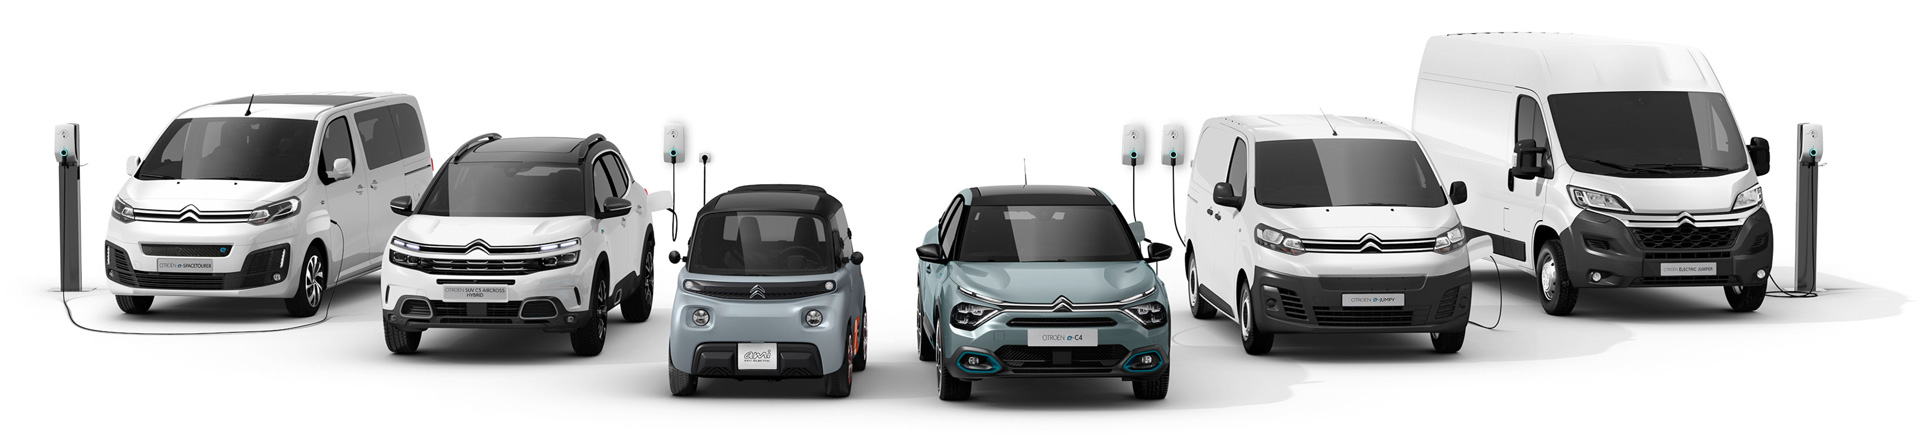 Citroen Elektroautos